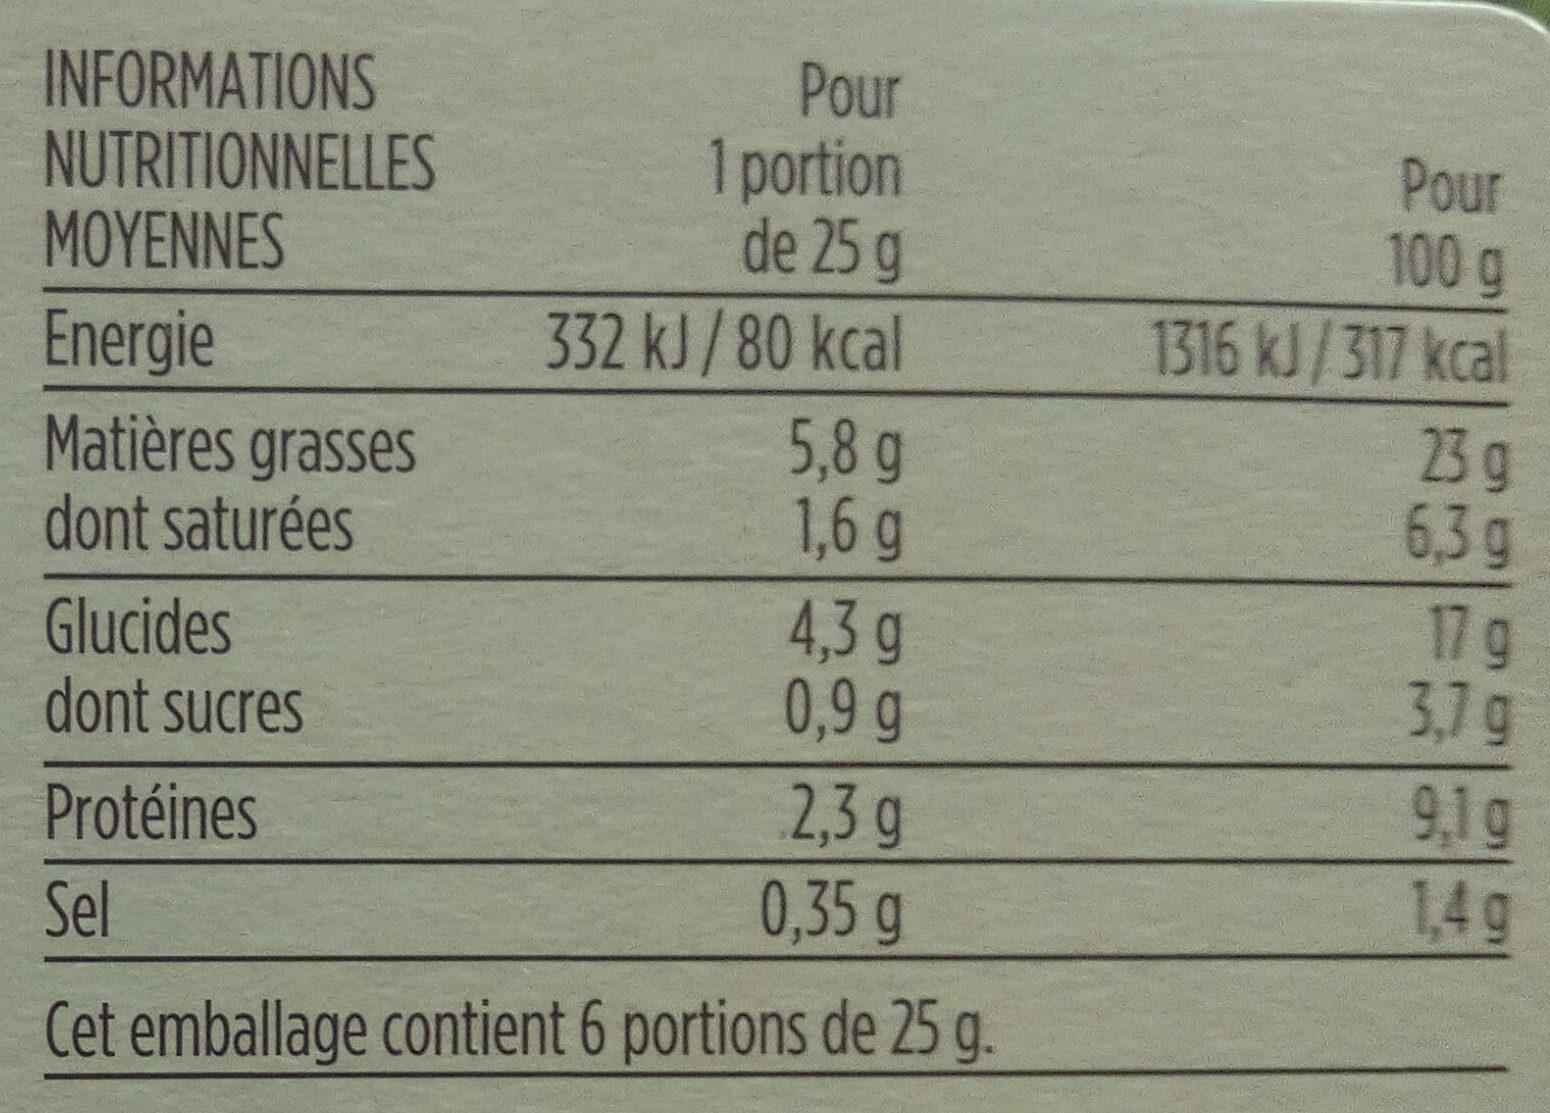 Mini pastillas poulet et amandes - Informations nutritionnelles - fr